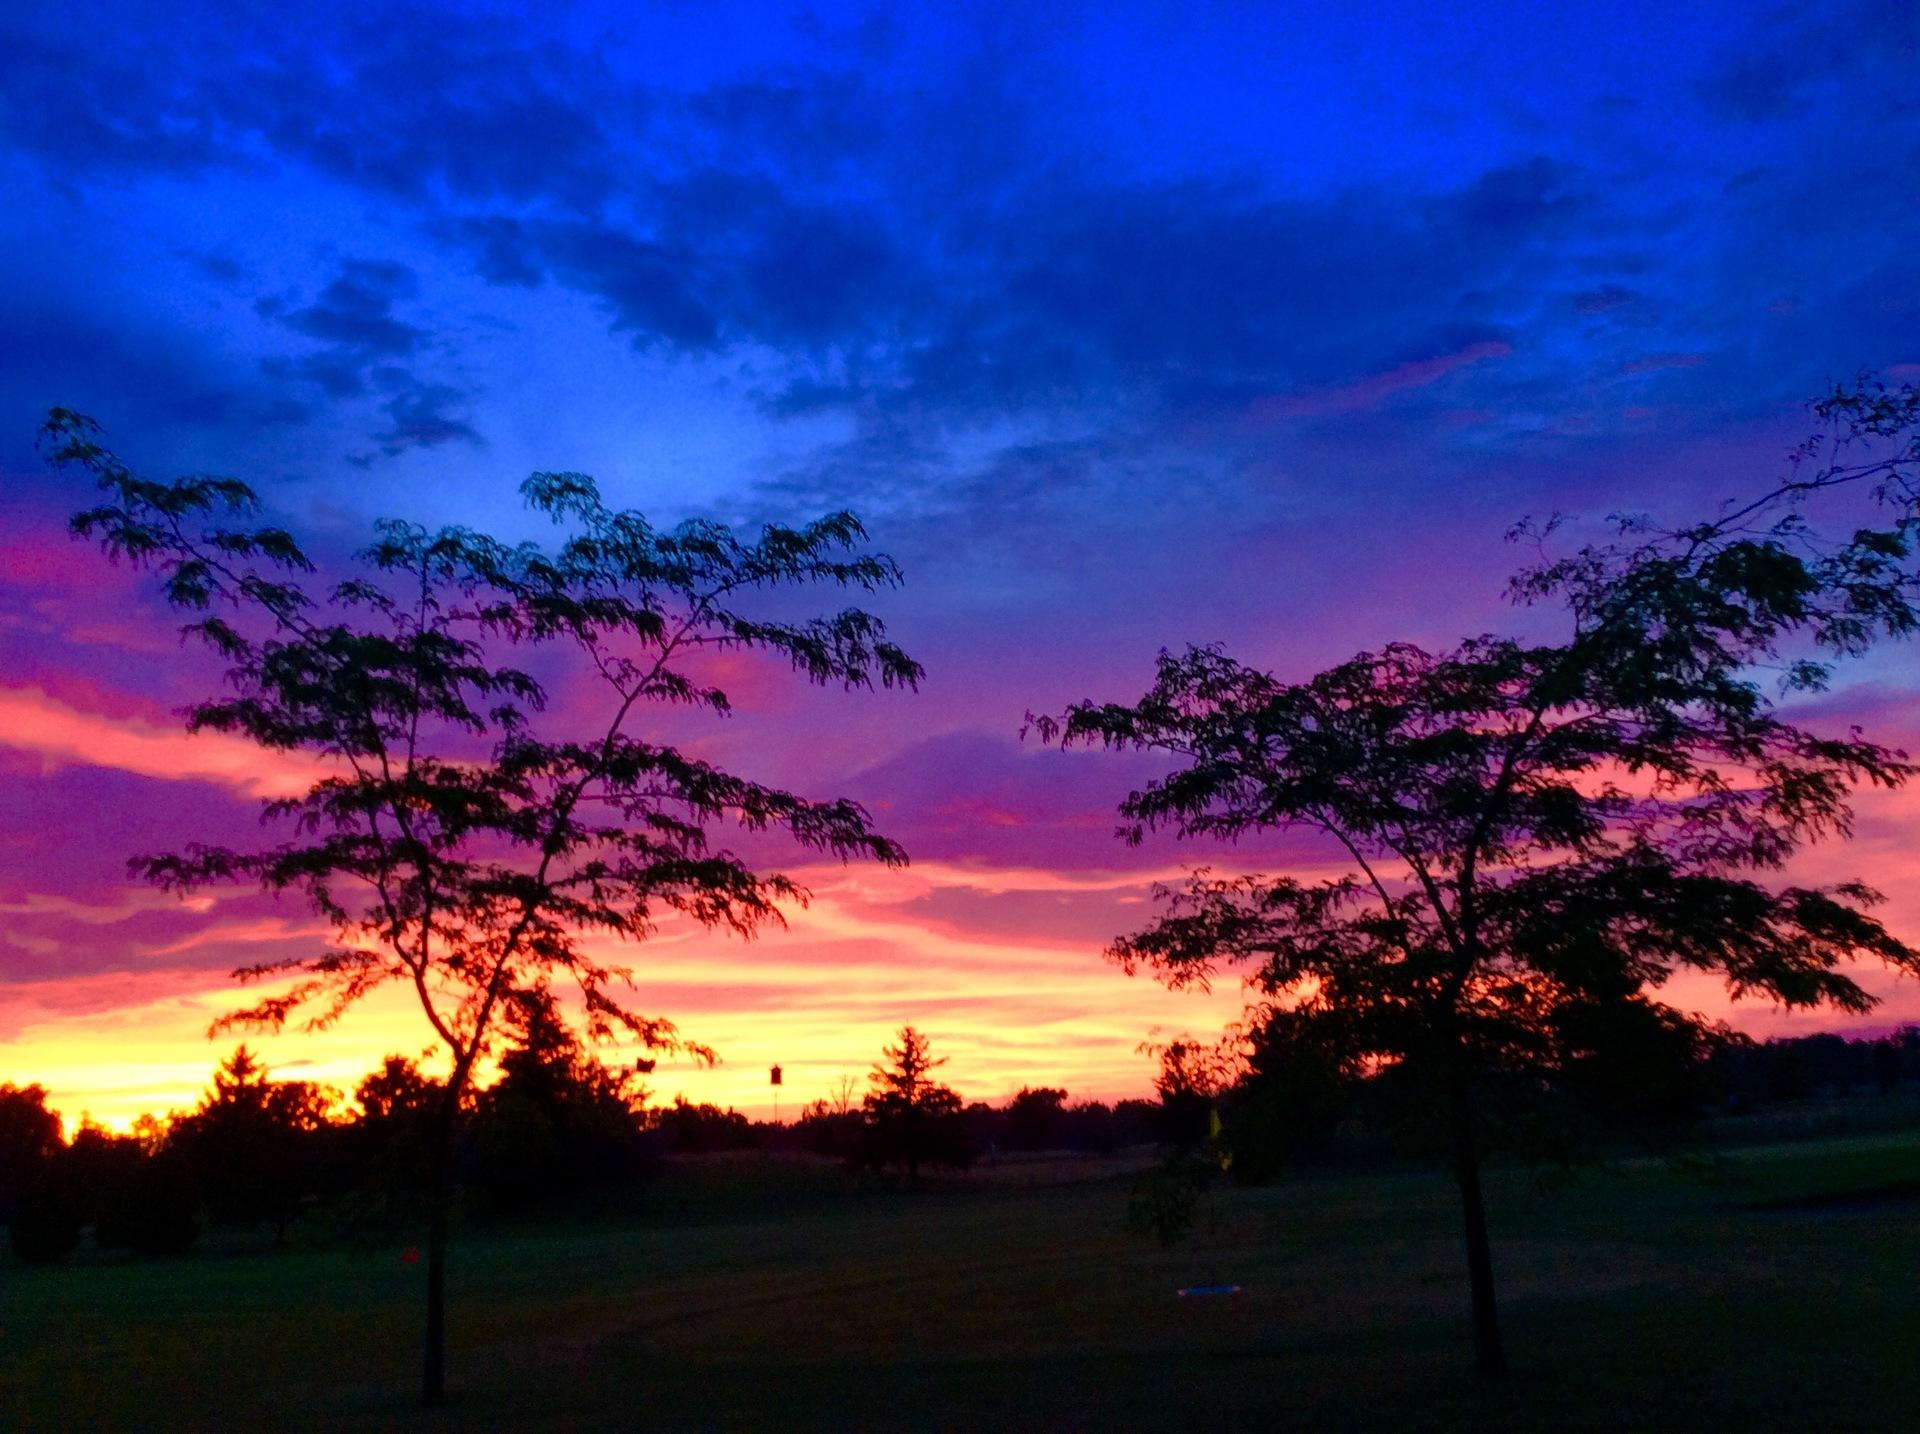 Calm after rain   drazpet, backlit, evening, landscape